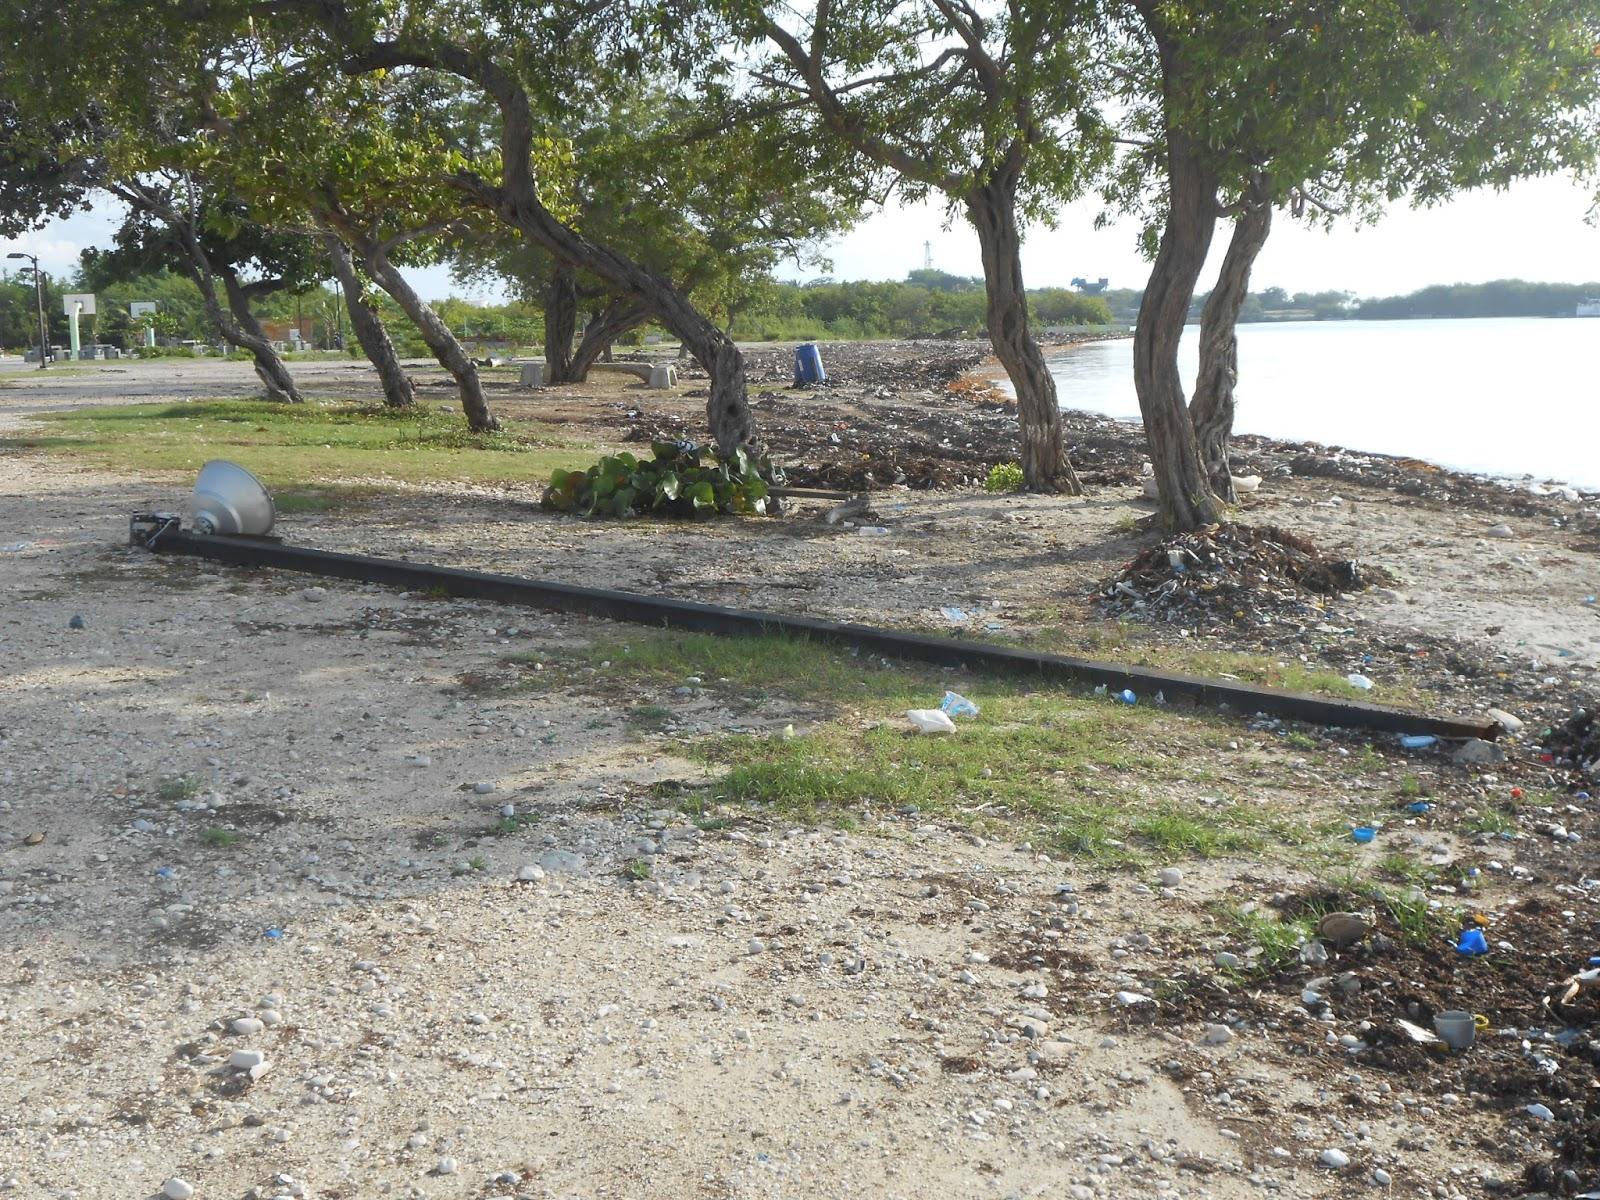 Cae poste de luz del parque litoral maria montez lleva - Parque suelo ...